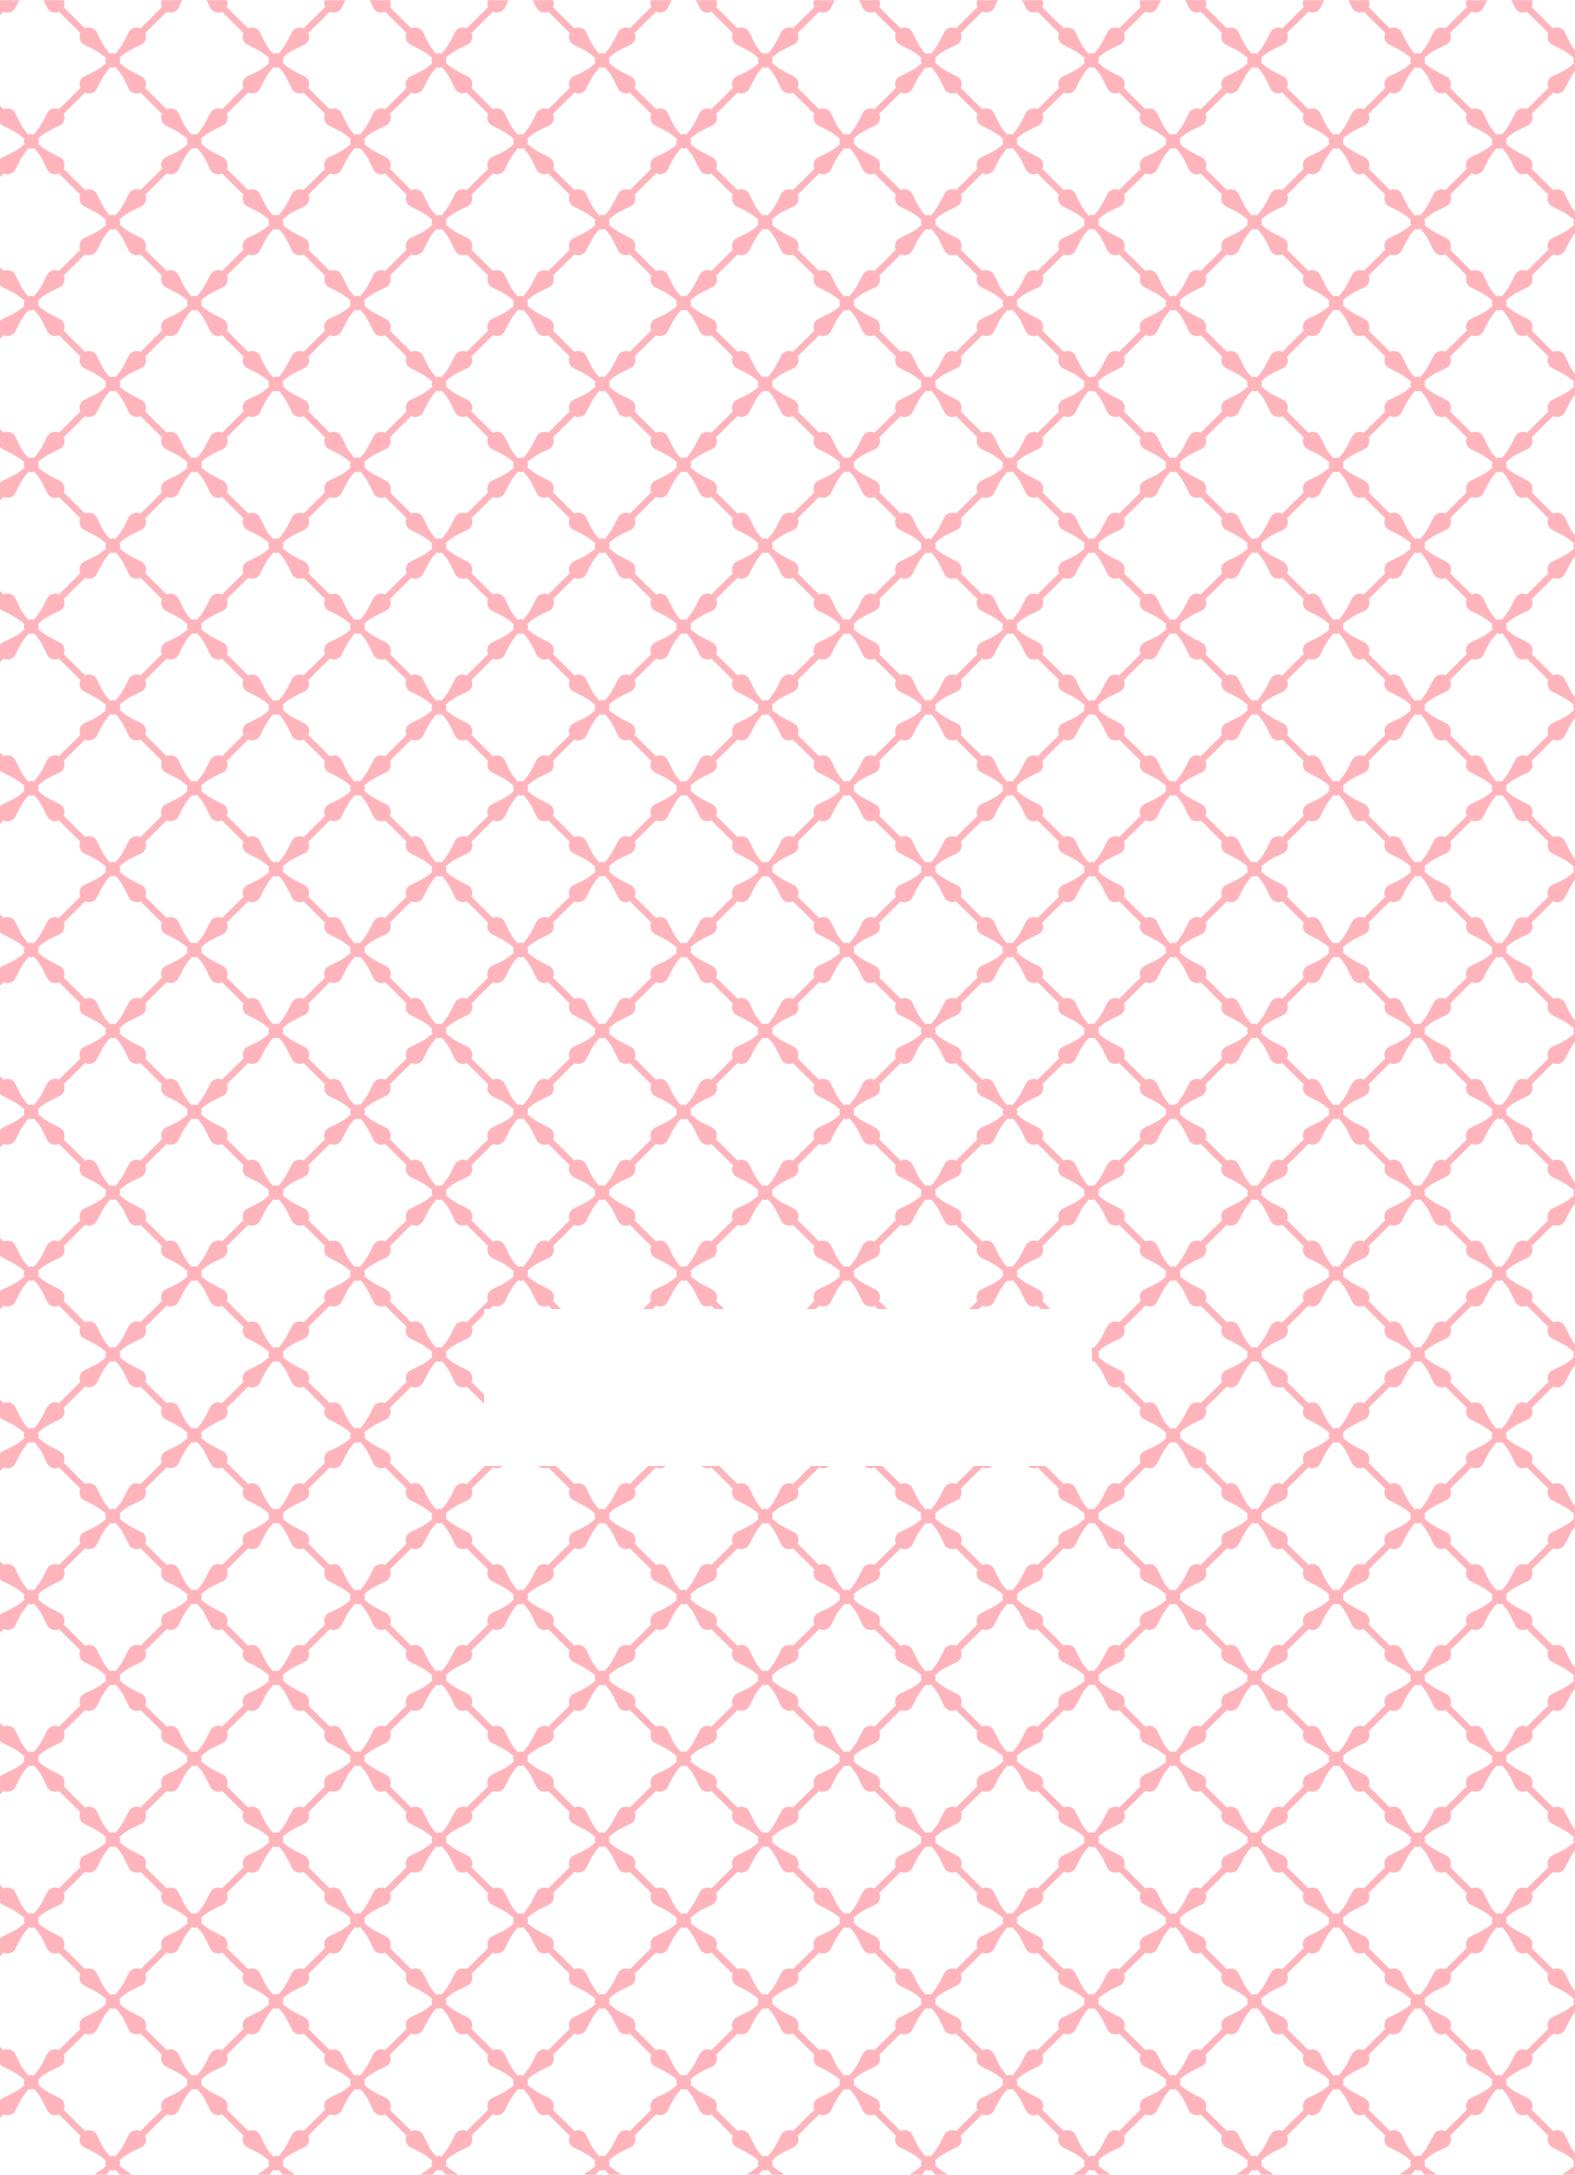 littleowliegirl_Basic A1 5x7 Vertical Back1_ohsnap.jpg